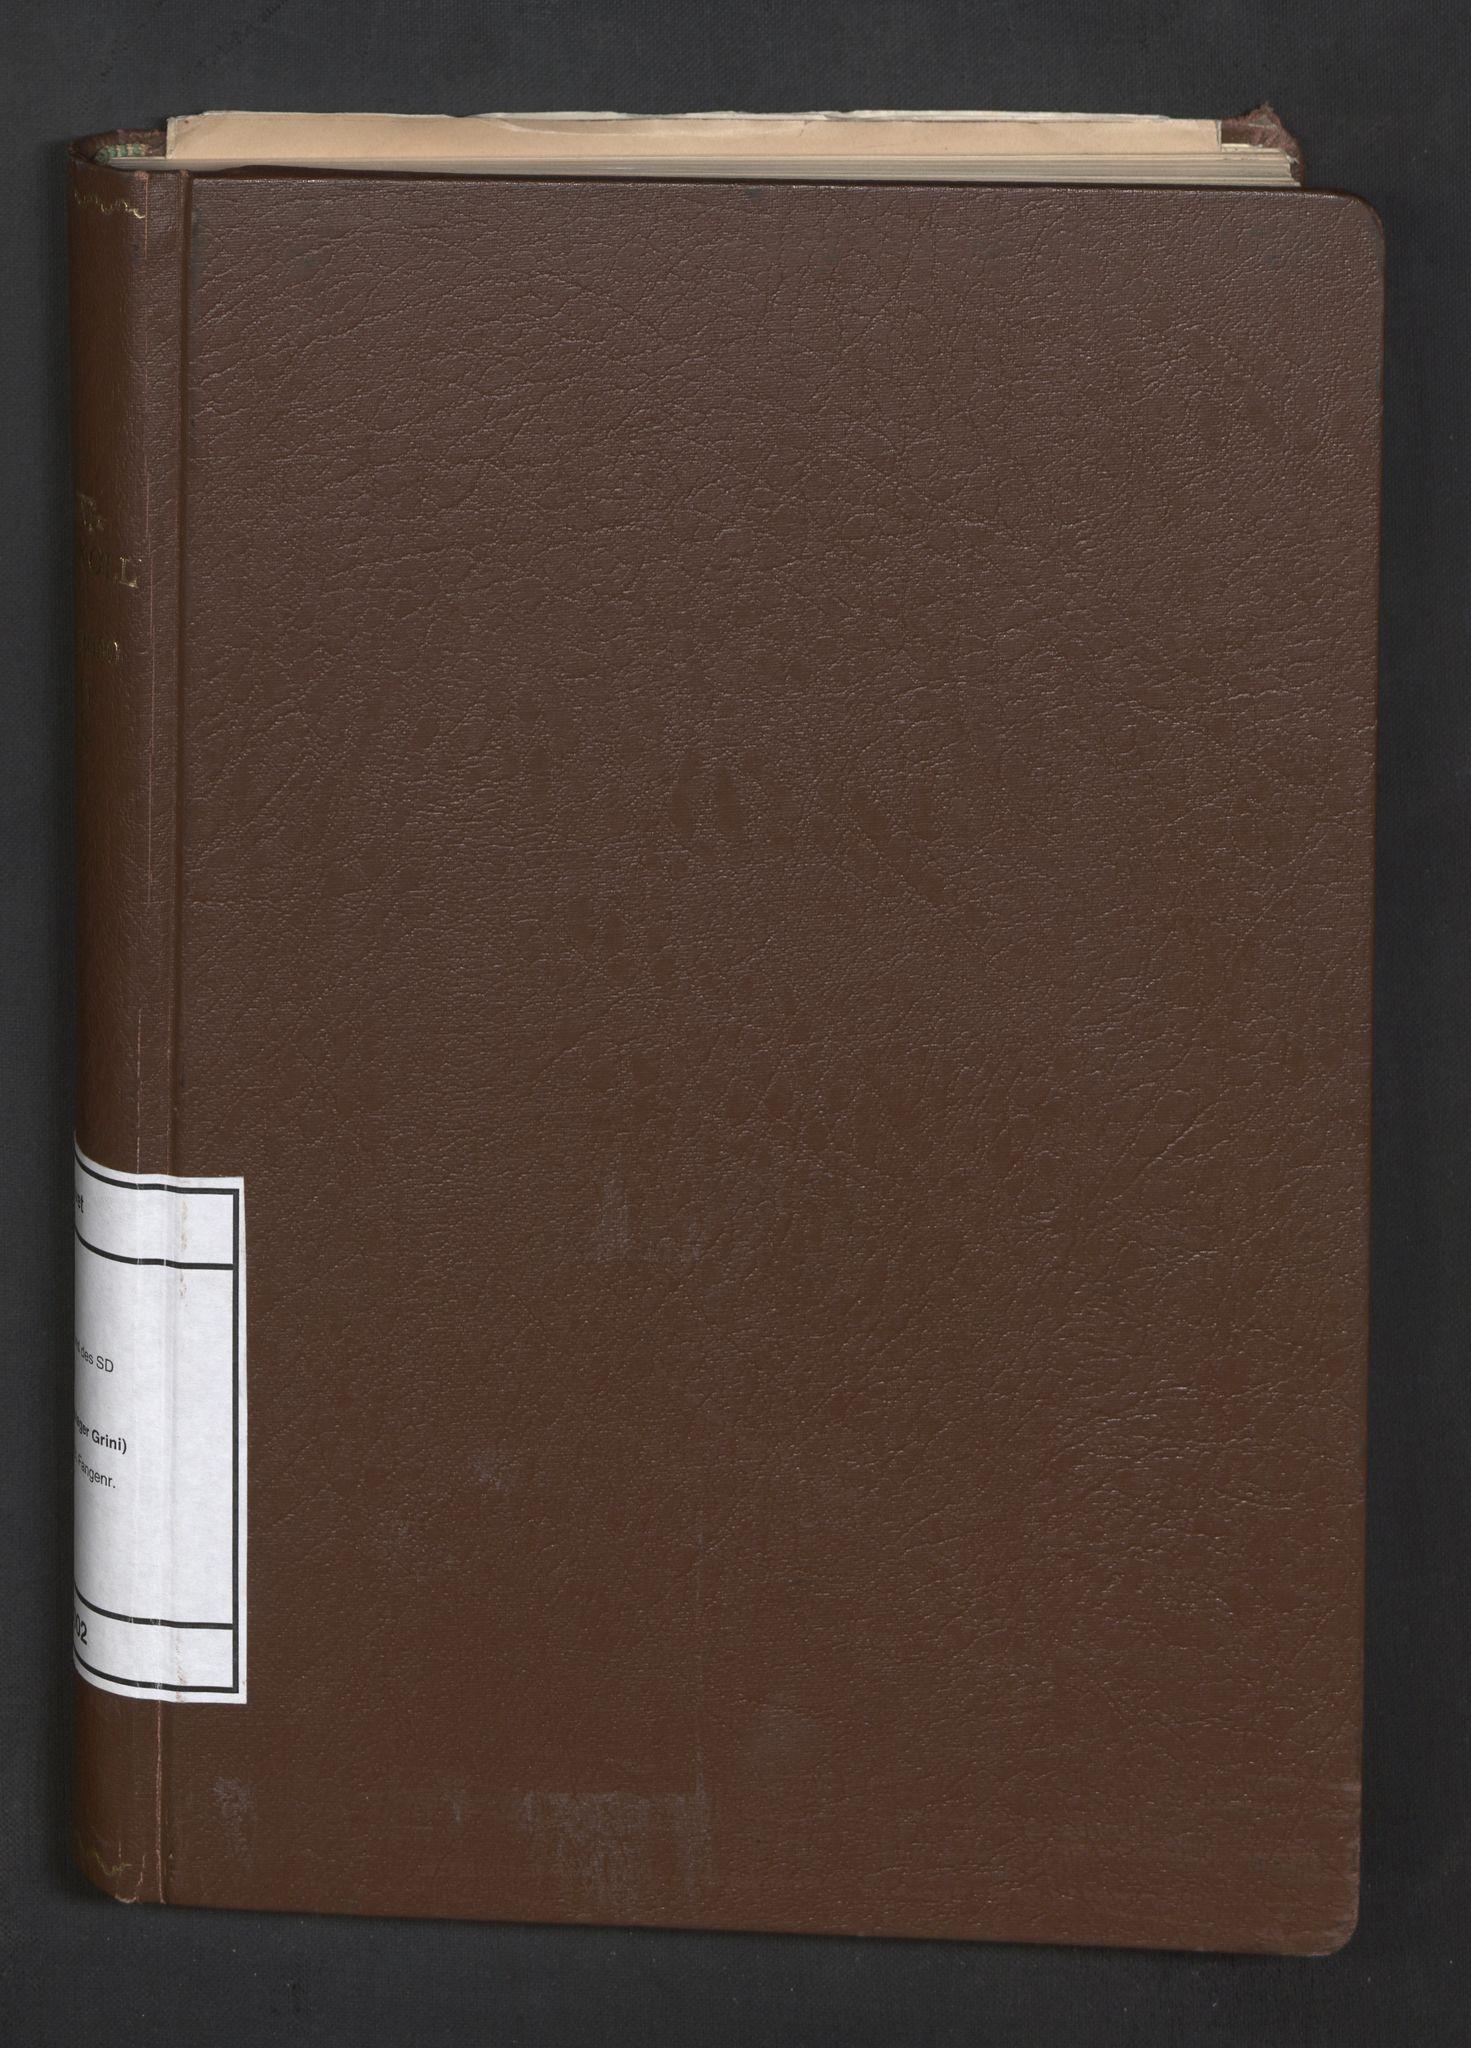 RA, Befehlshaber der Sicherheitspolizei und des SD, F/Fa/Faa/L0002: Fangeprotokoll. - Gefangenen-Buch B. Fangenr. 11-2600, 1941-1942